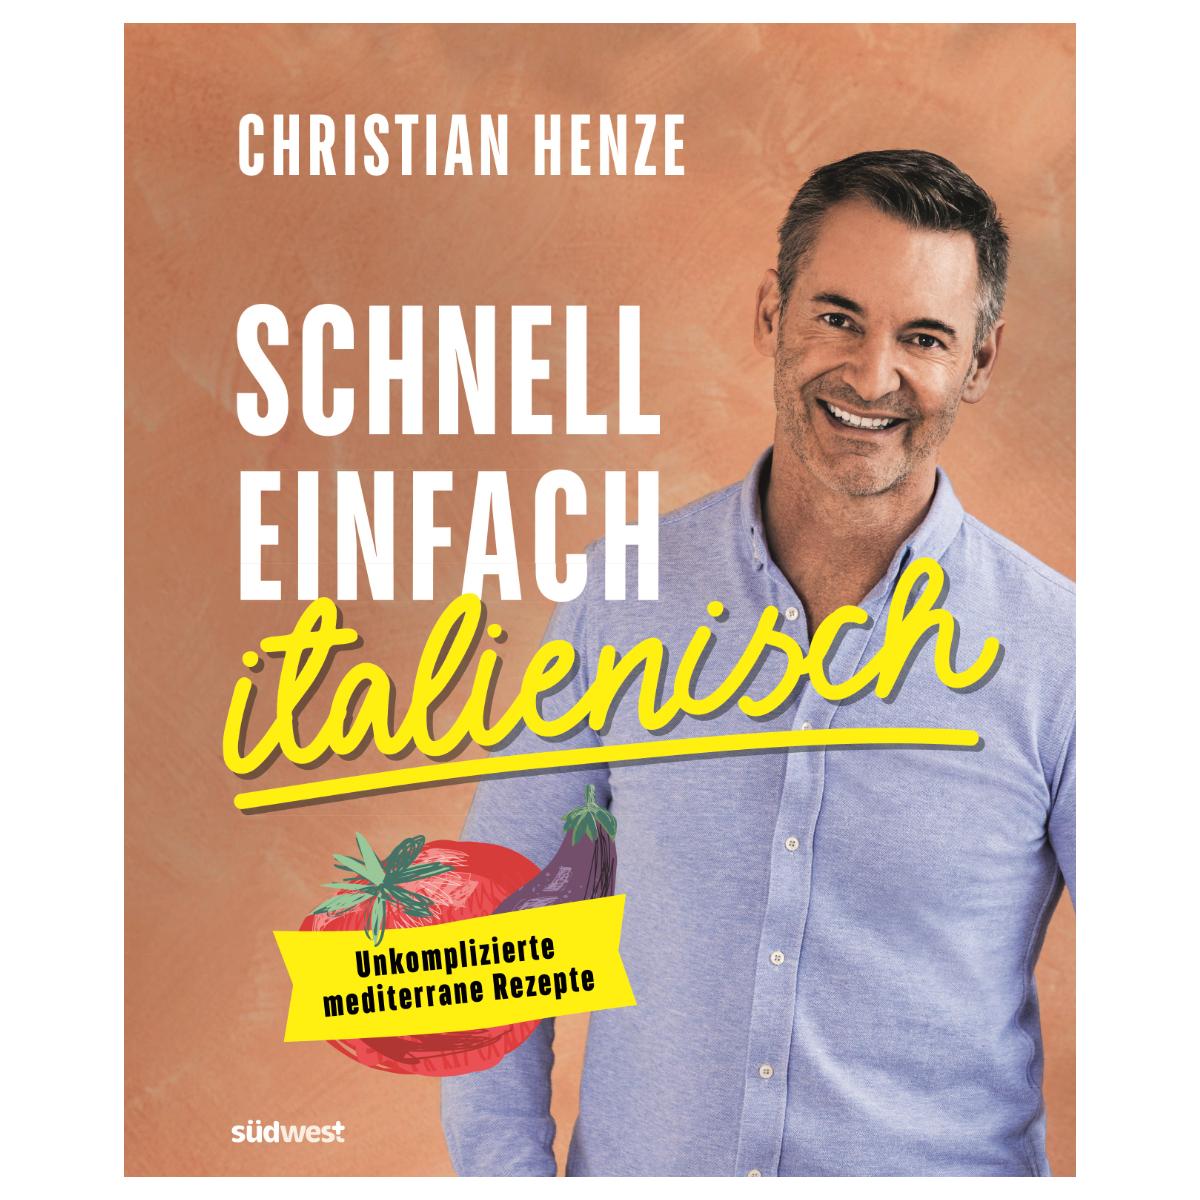 schnell_einfach_italienisch_Kochbuch